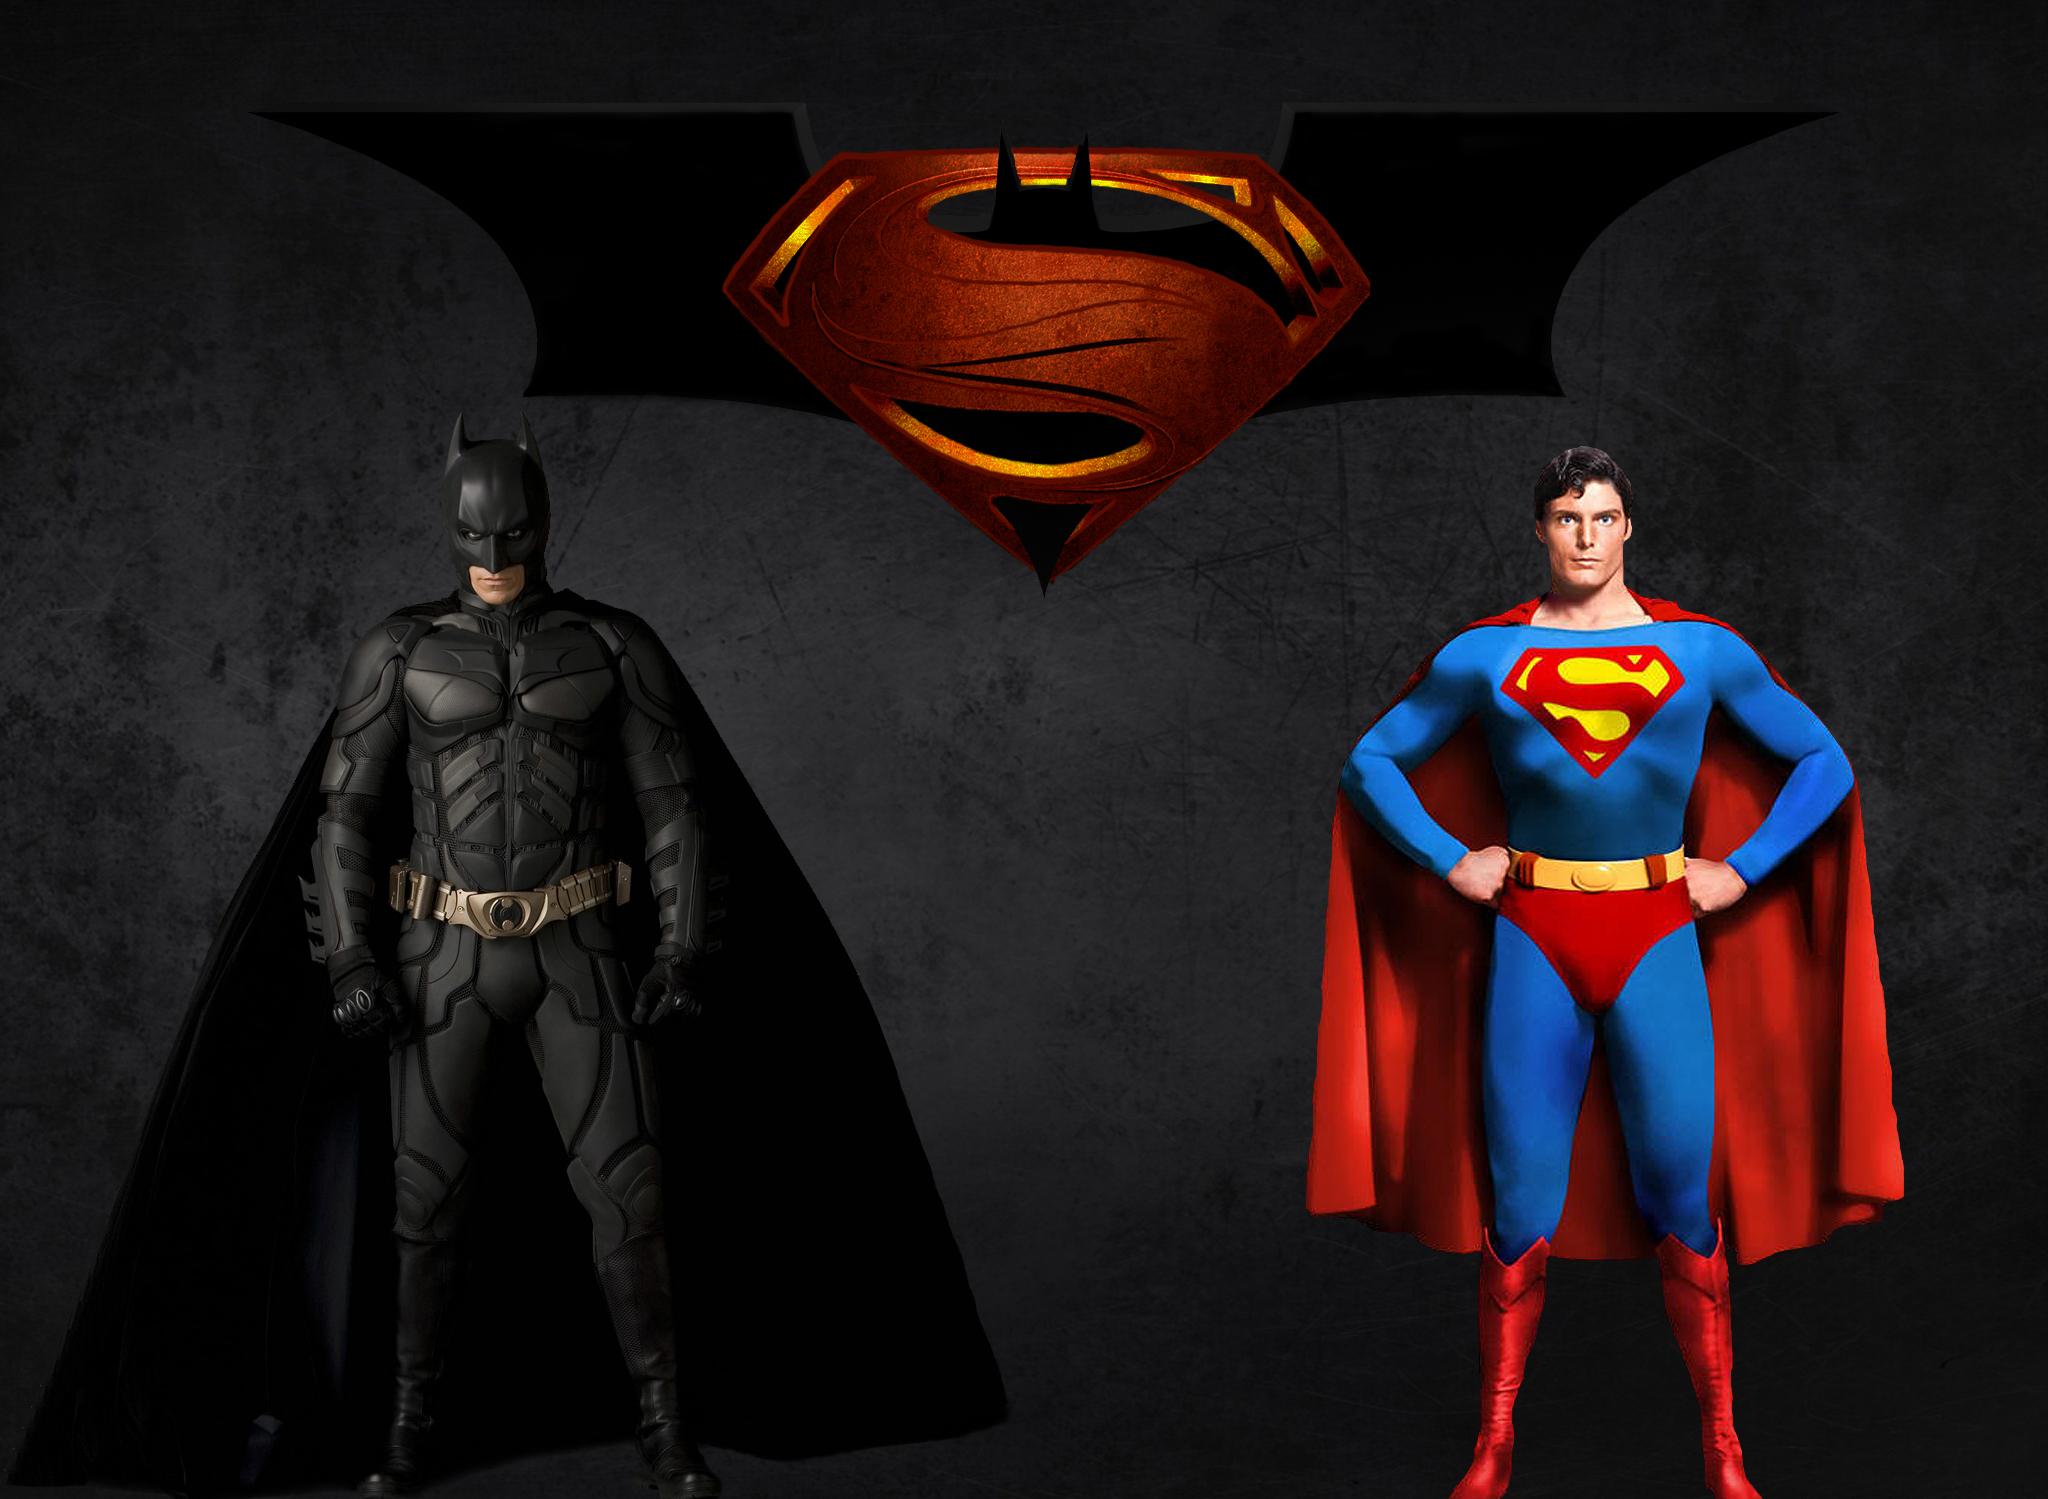 Batman vs superman symbol car interior design - Superman interior designs ...